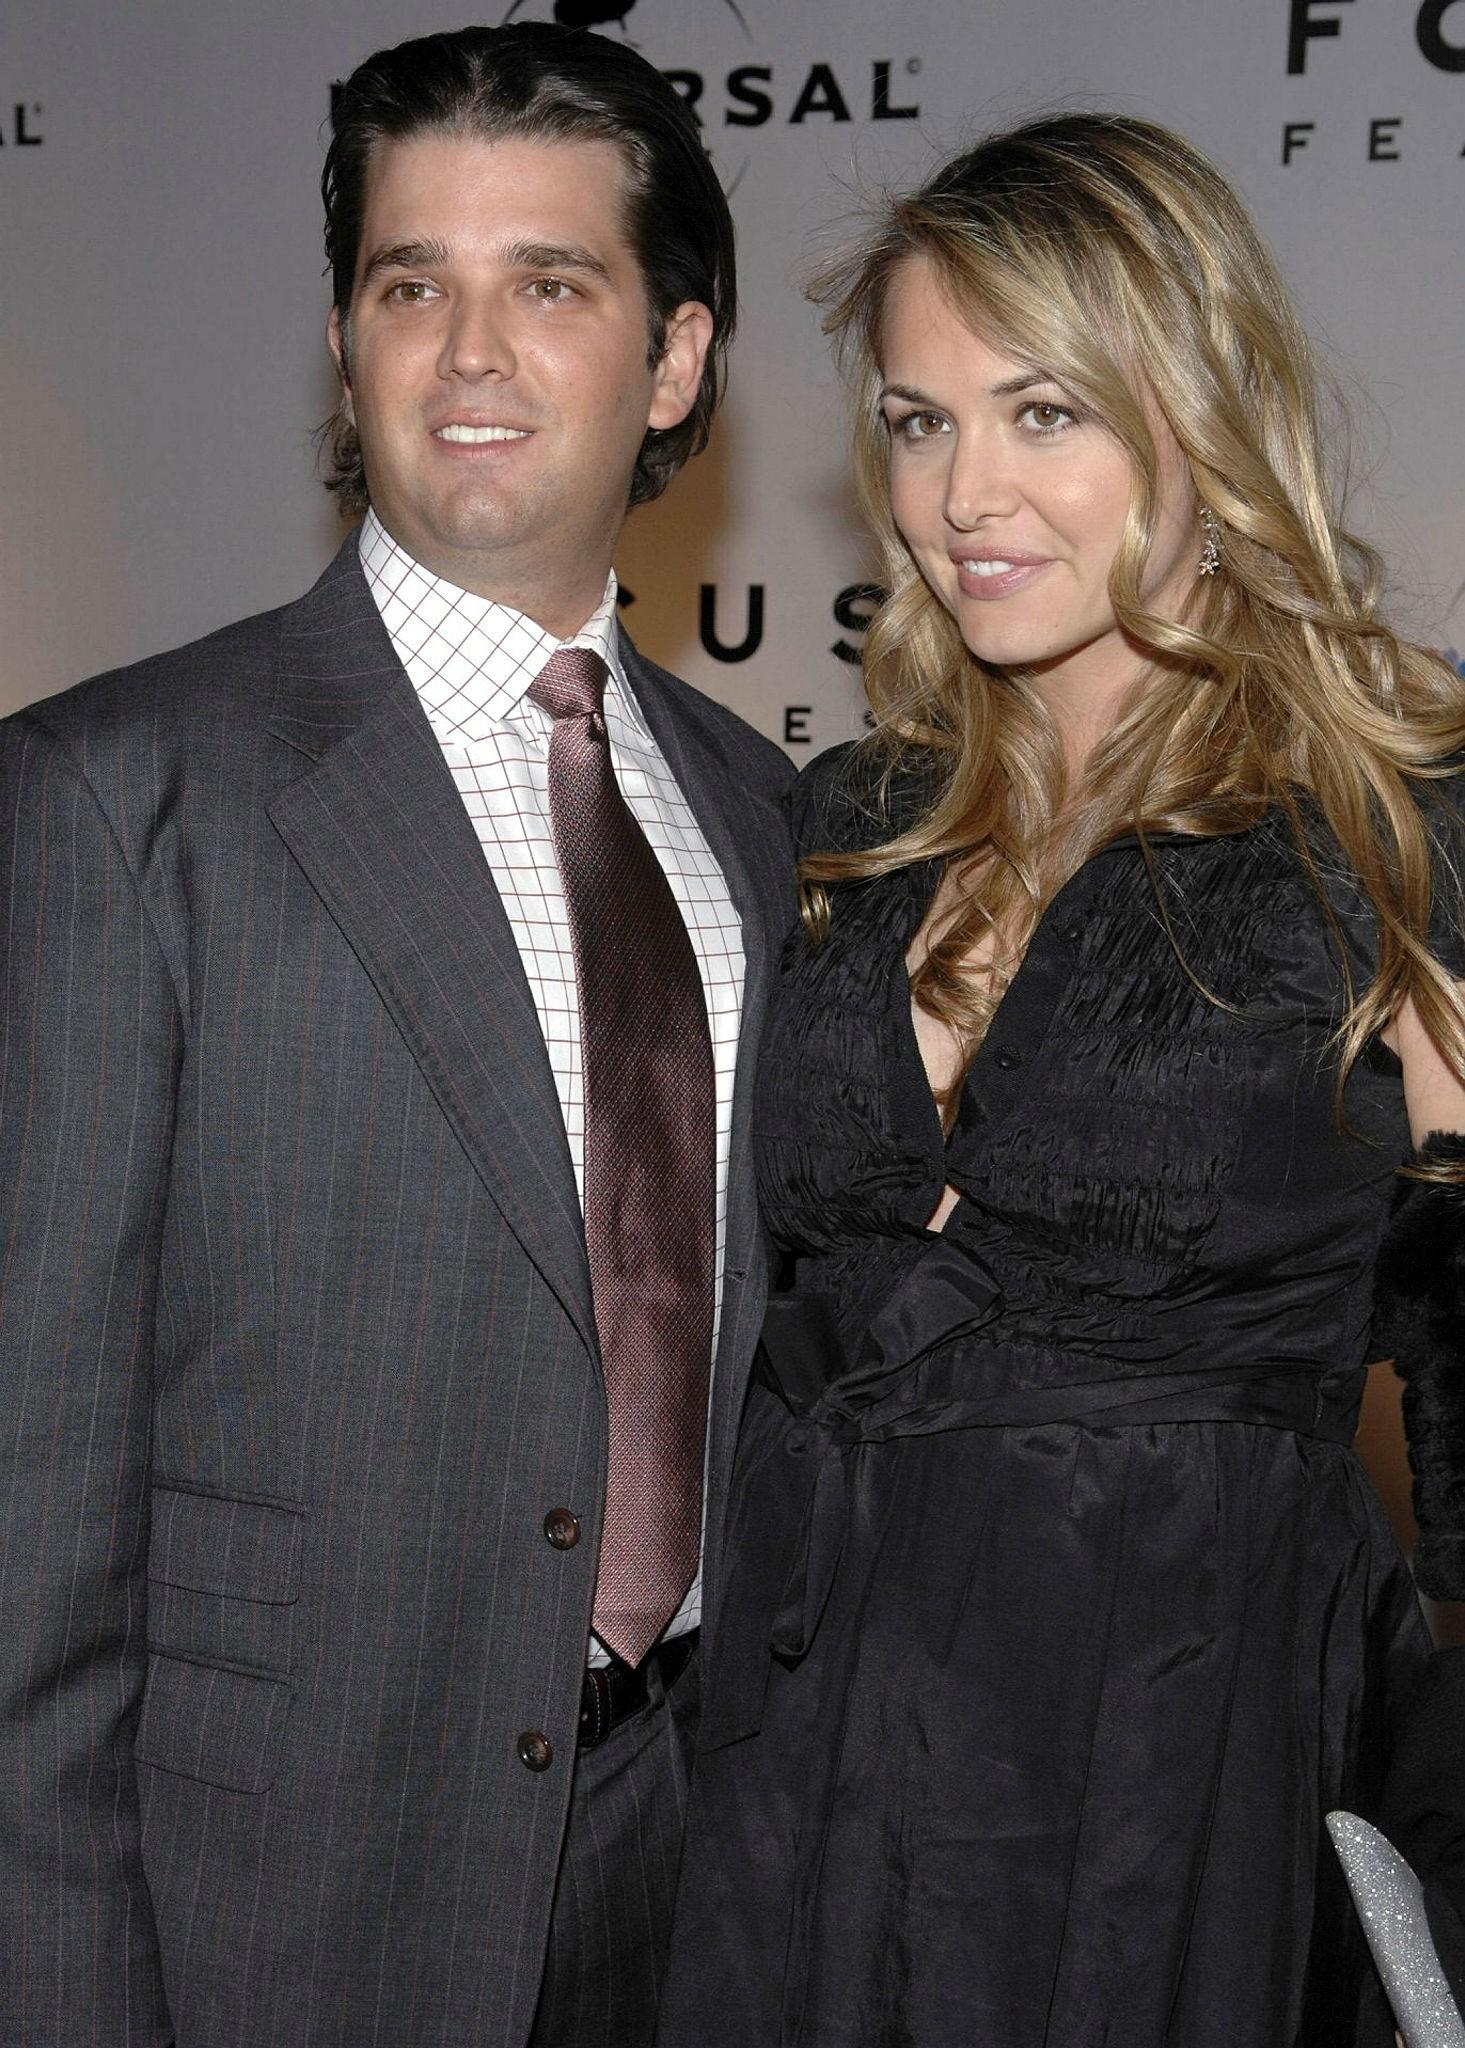 Donald Trump Jr. and his spouse Vanessa Trump